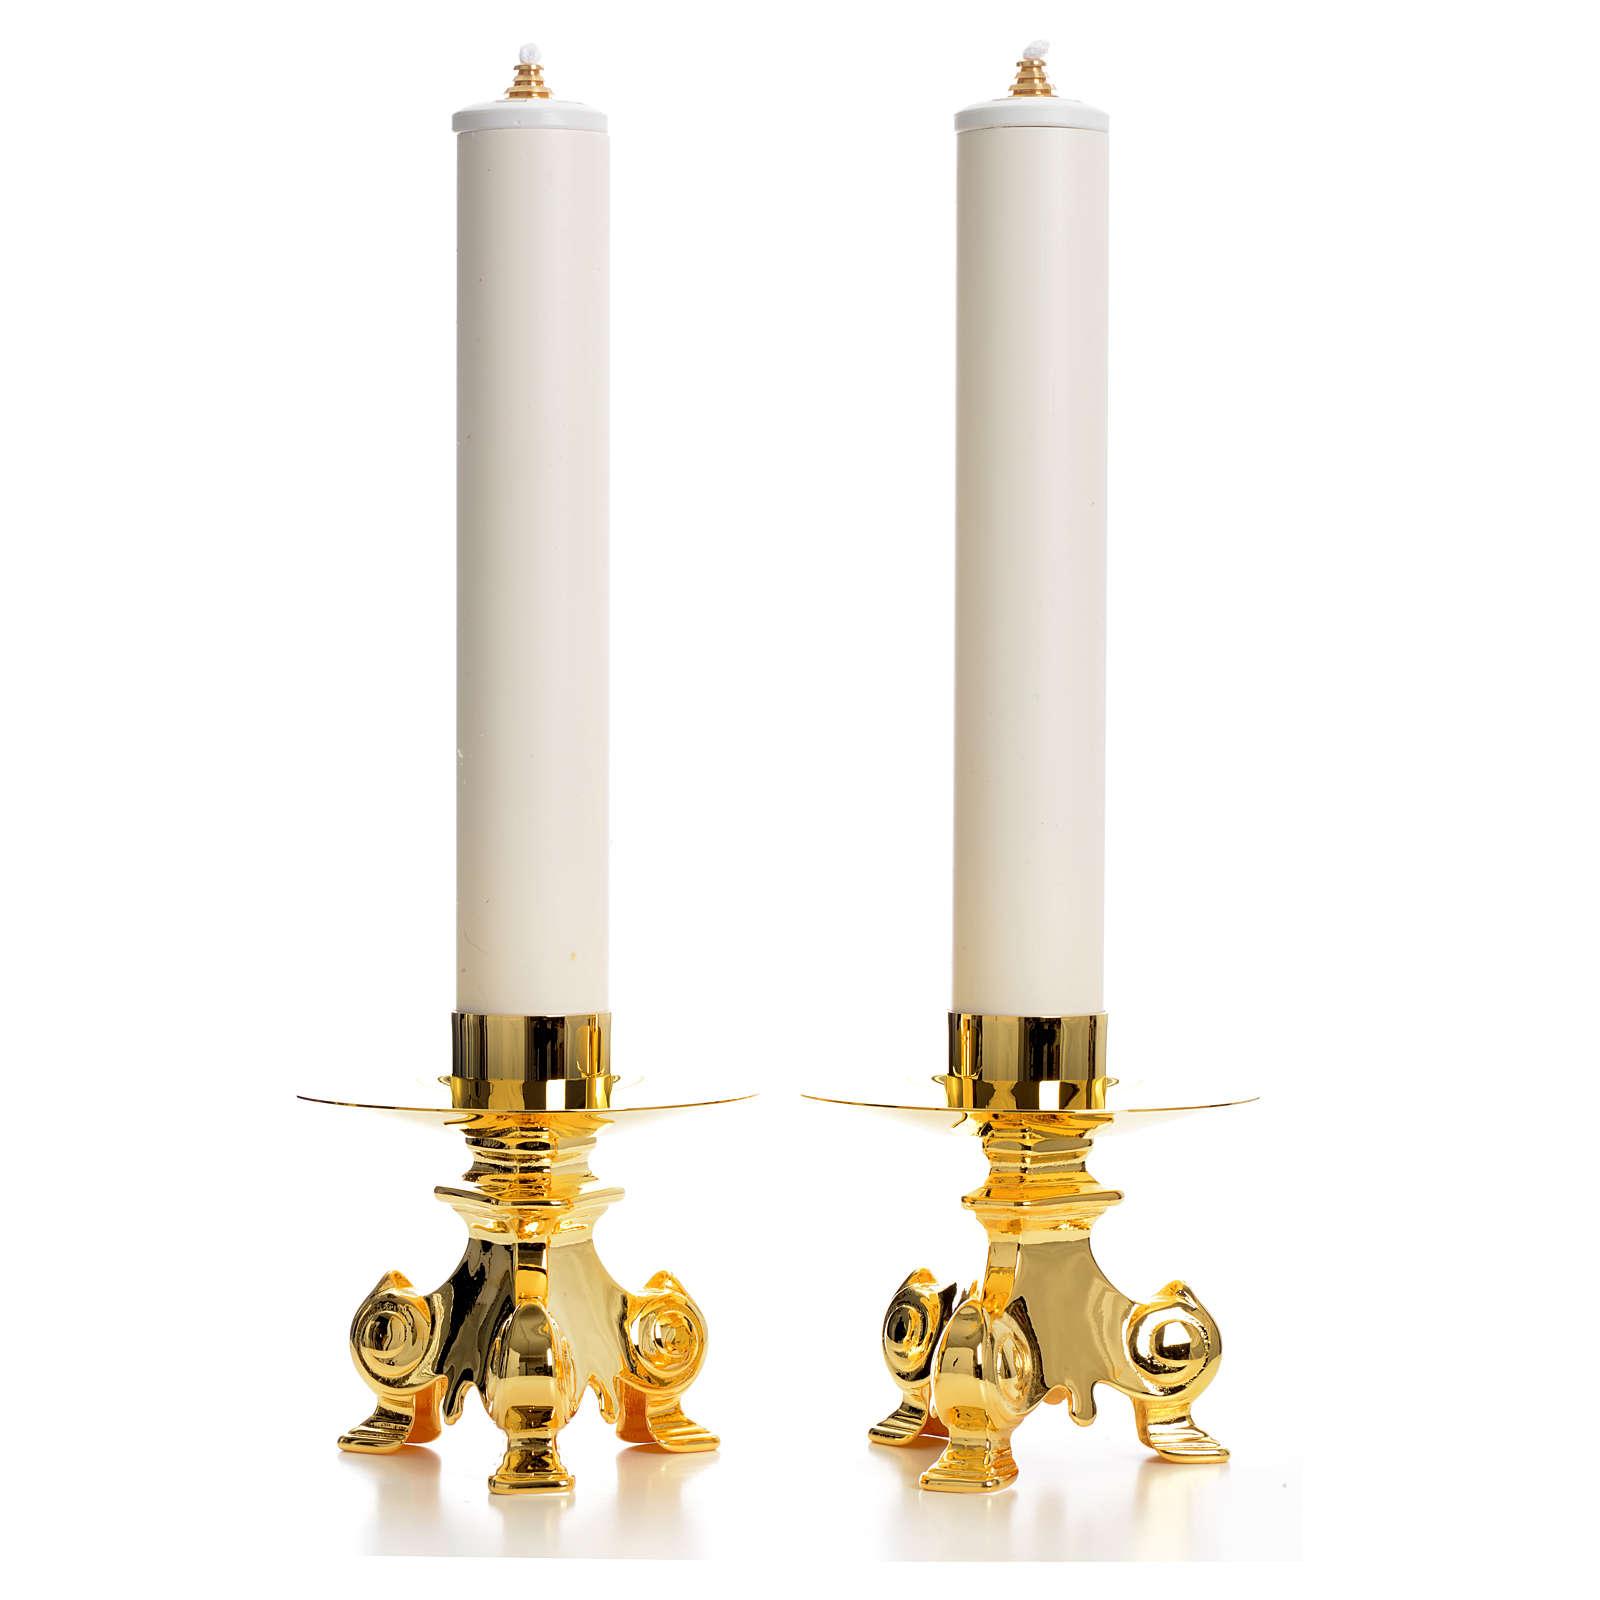 Chandeliers d'autel avec bougies en pvc 4